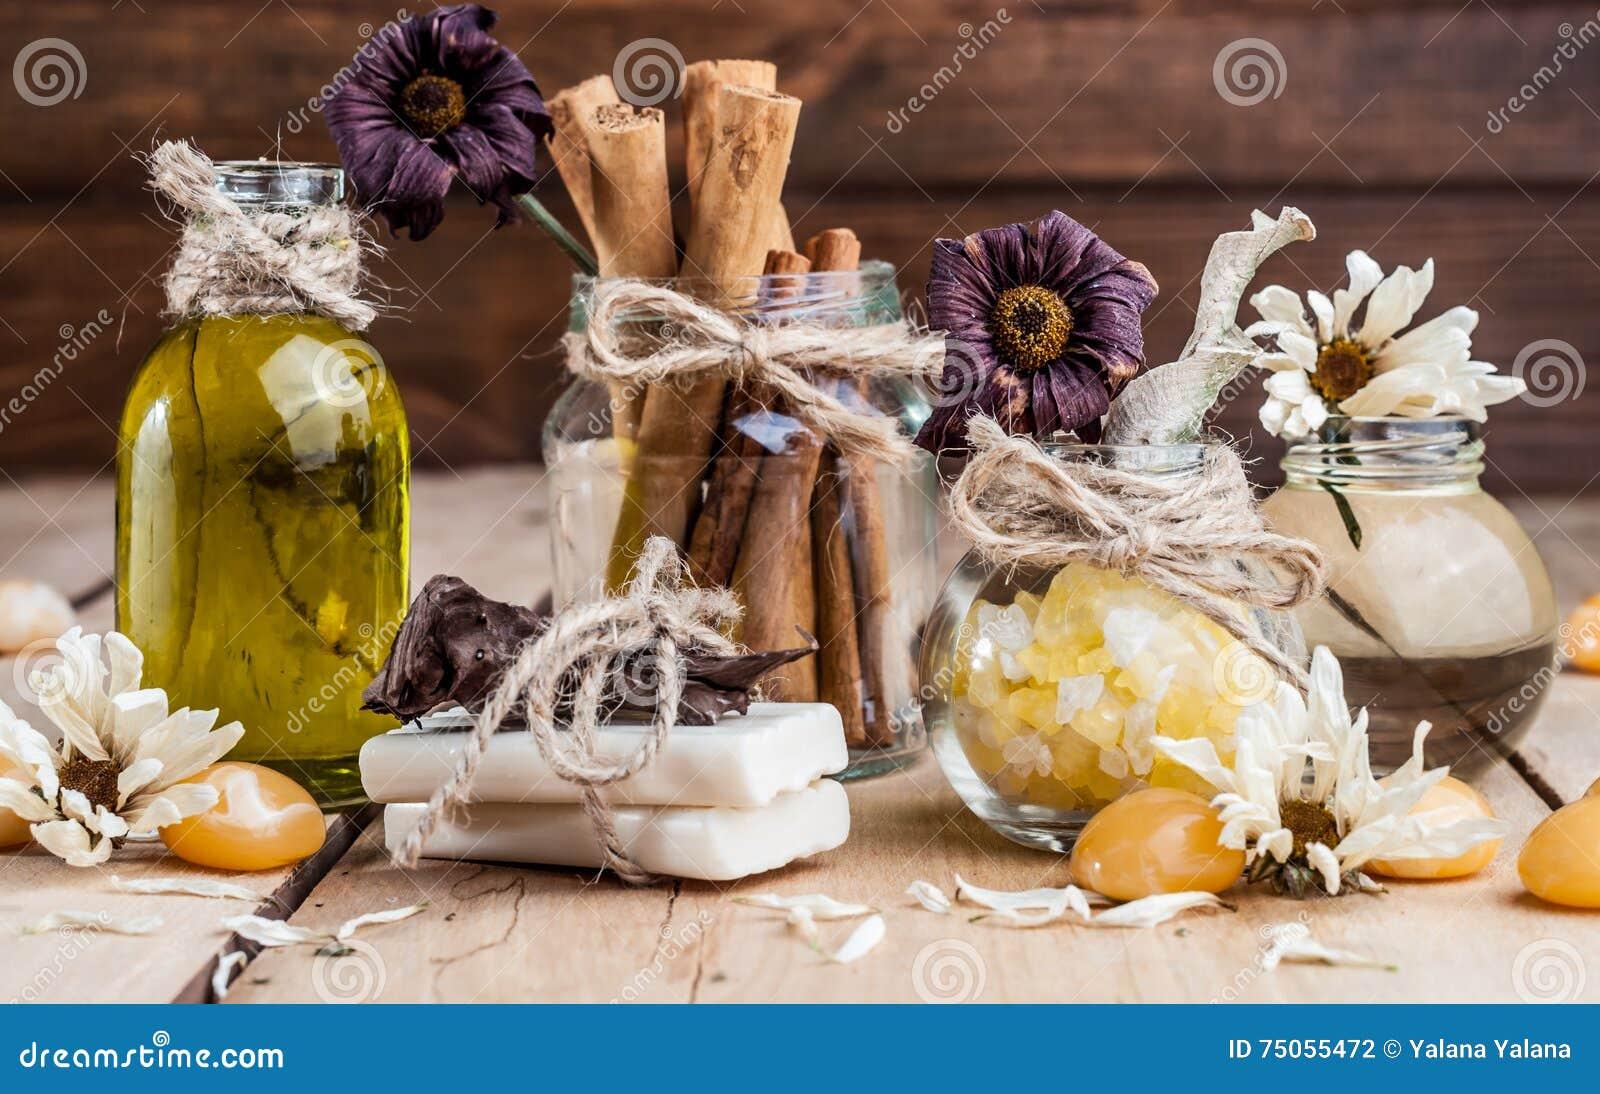 Balneario, aceite, sal de baño, especias, hierbas, jabones hechos a mano